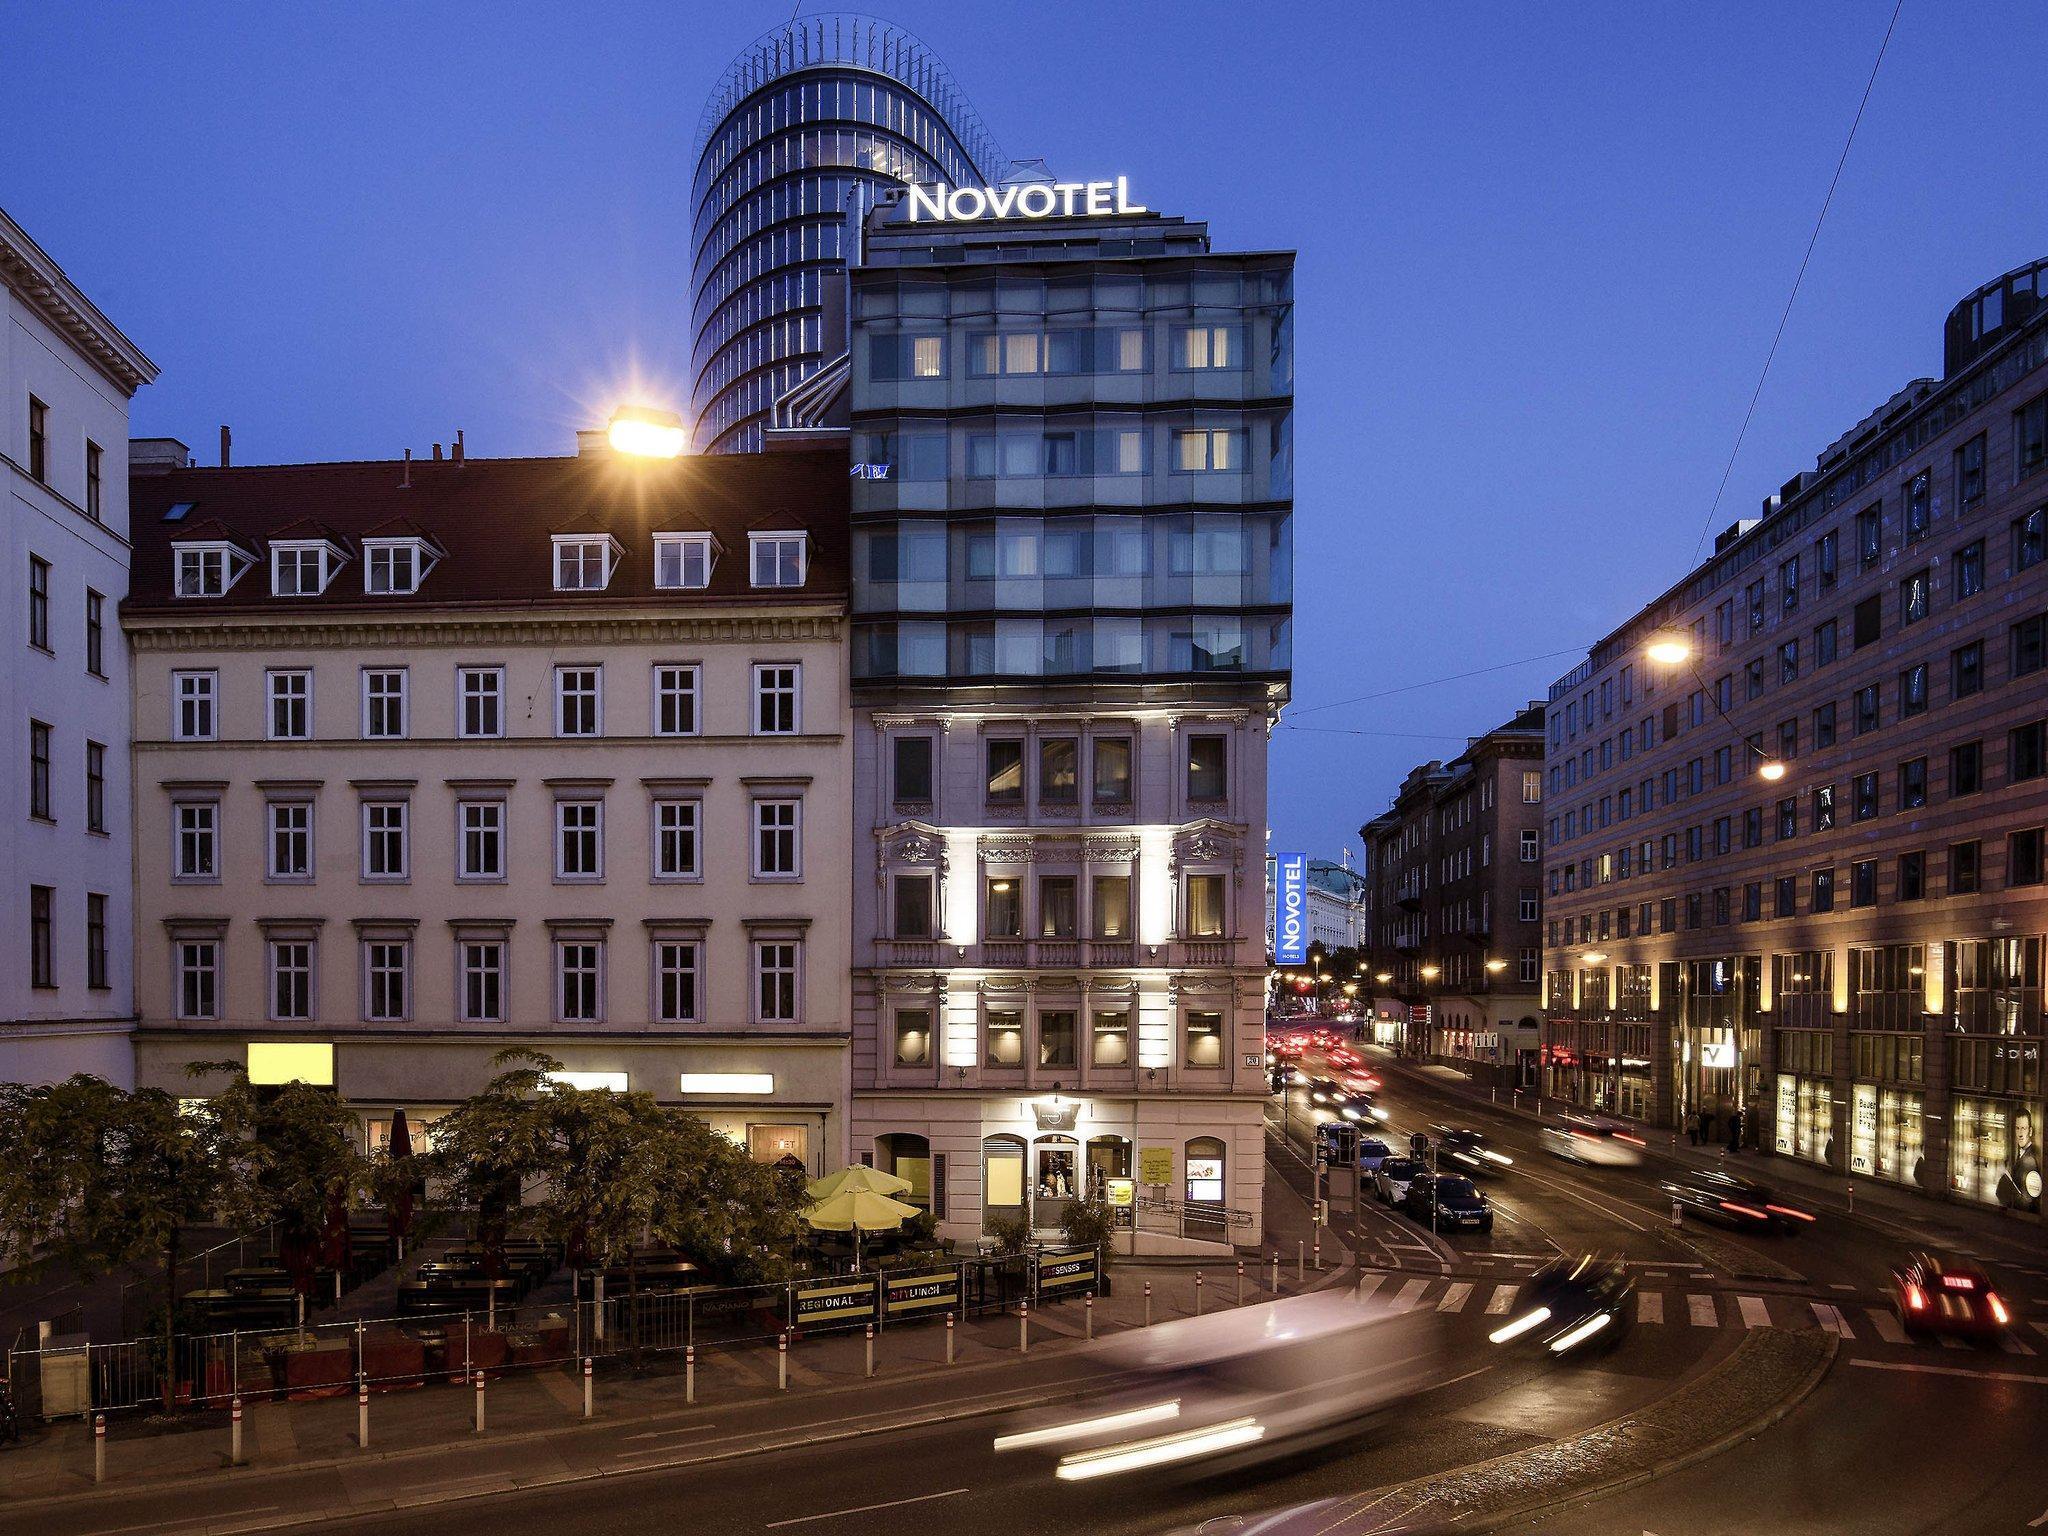 Novotel Wien City Hotel